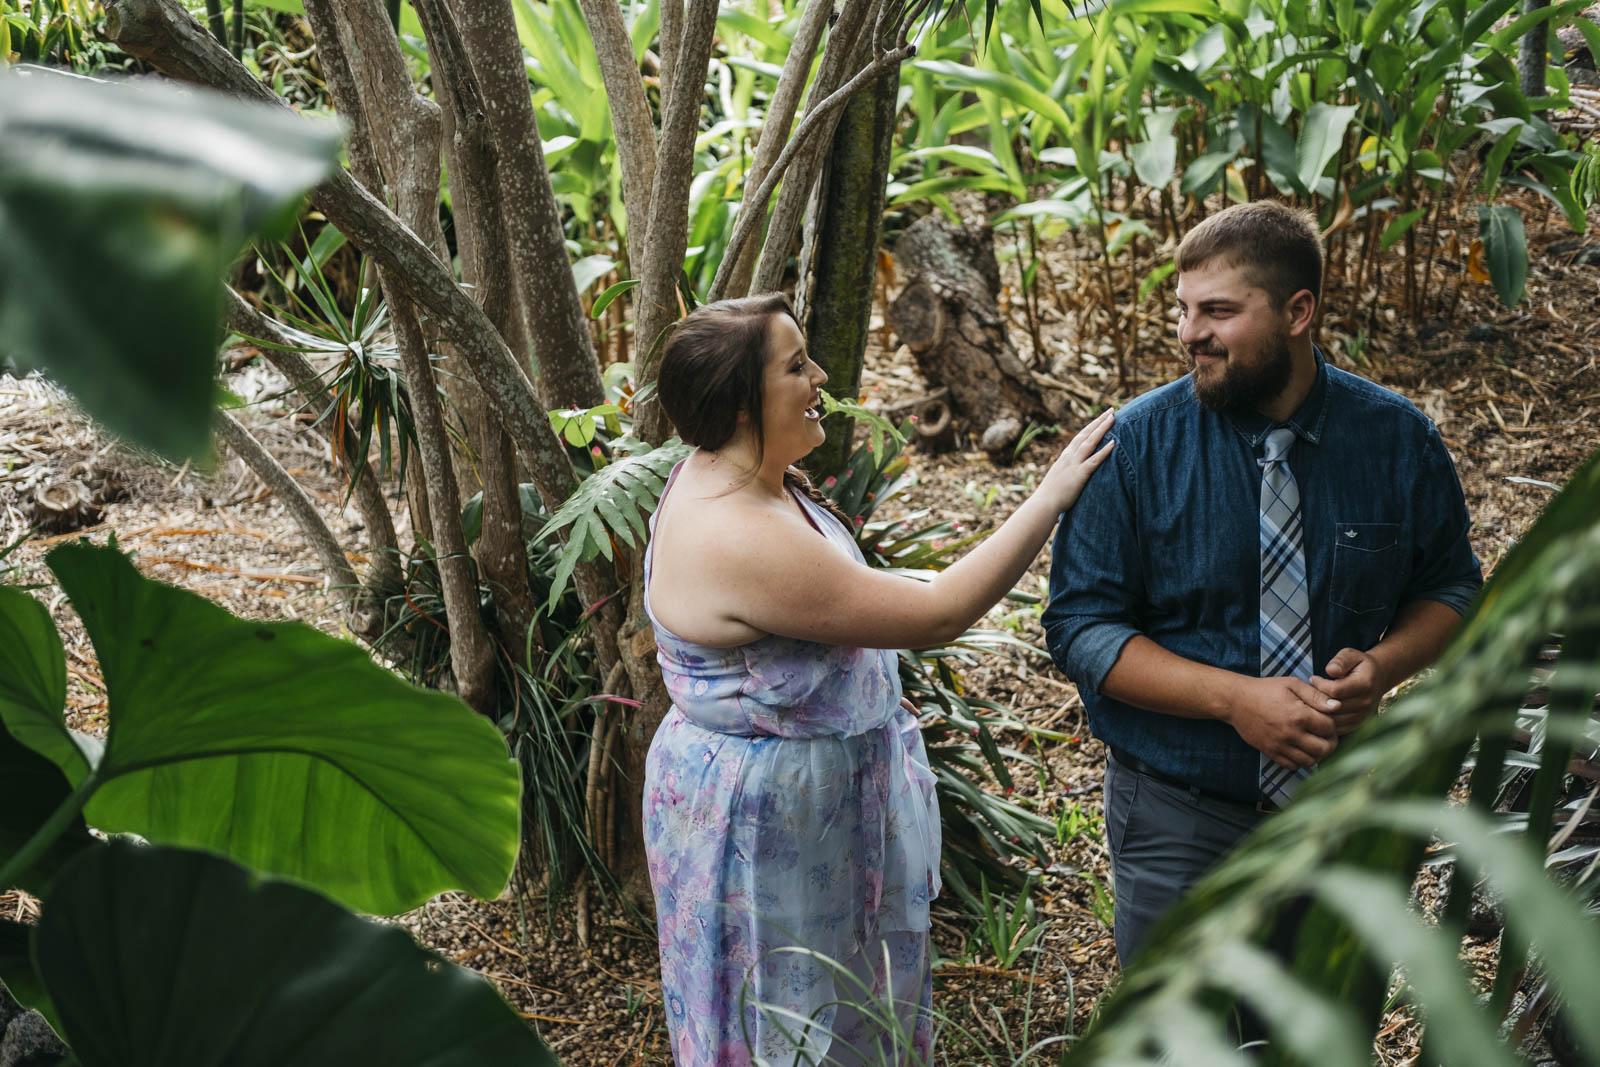 Destination wedding photography in Hawaii.